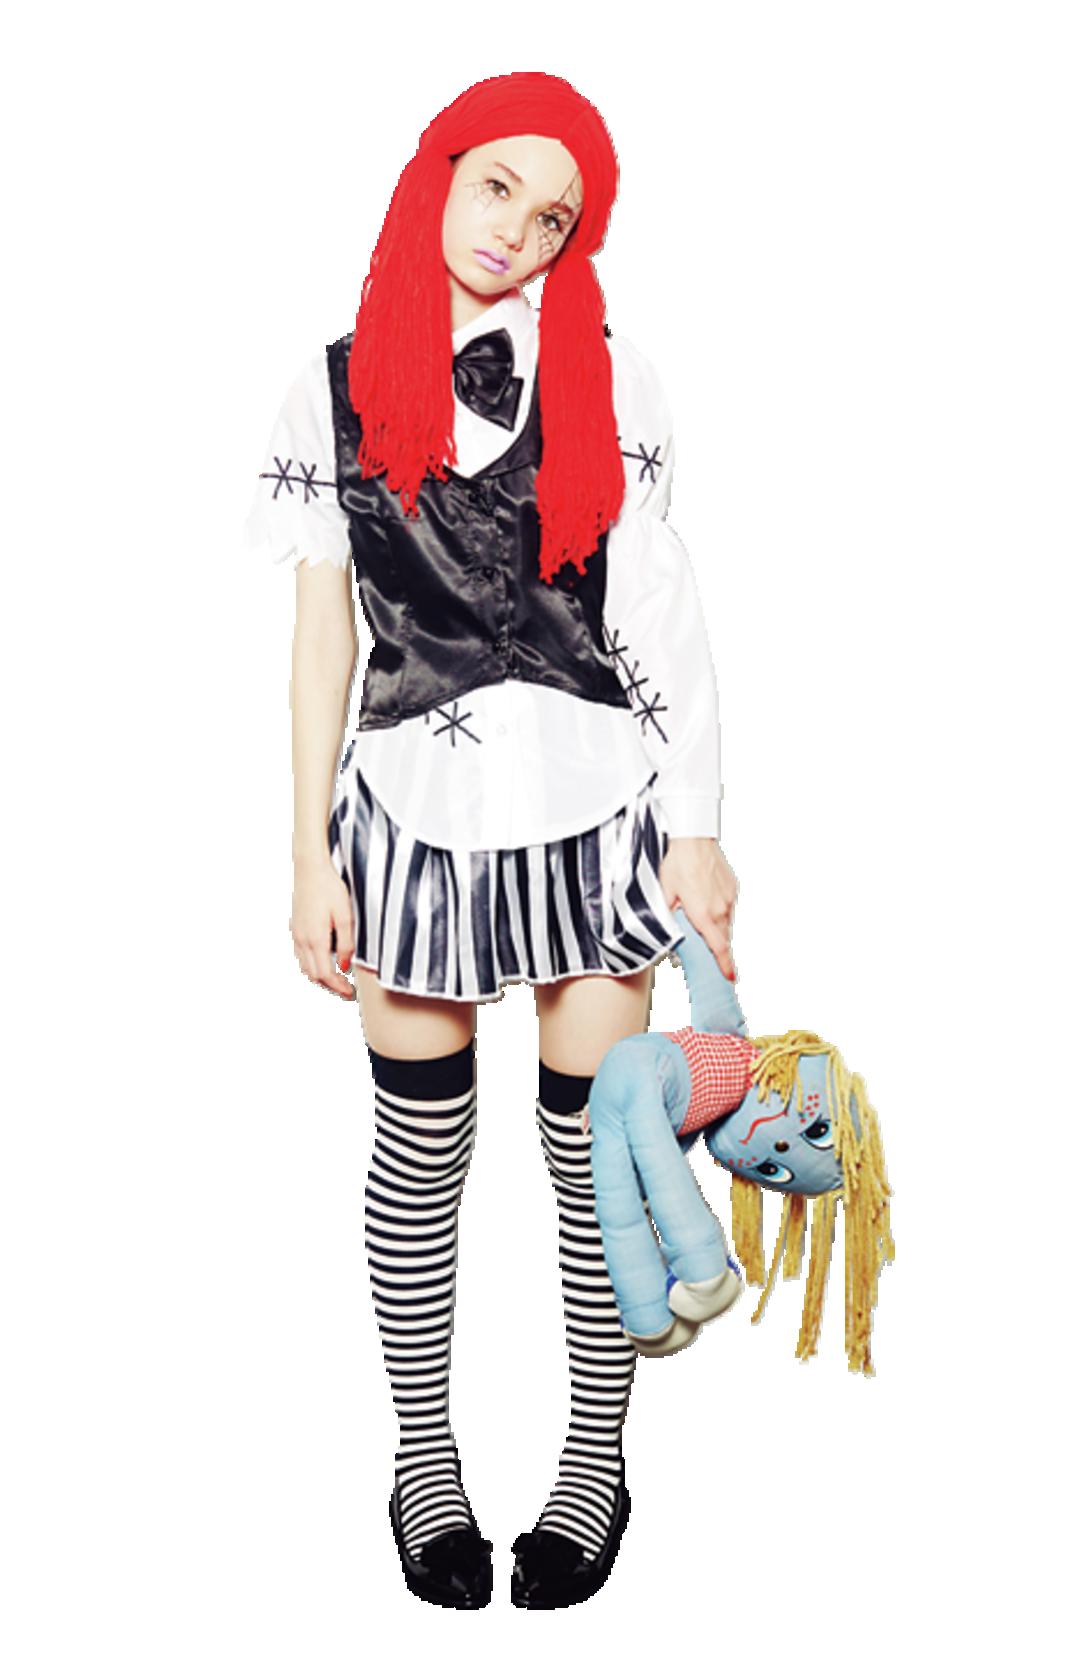 「呪いの人形に変身してみた!! ニーハイと毛糸のウィッグで、ドール感マシマシ☆」(マーシュ彩)